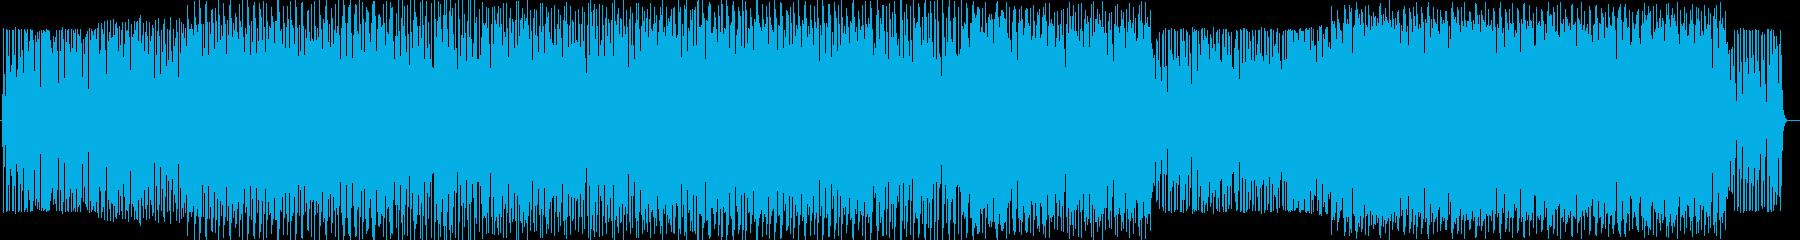 和風ポップインストルメントの再生済みの波形